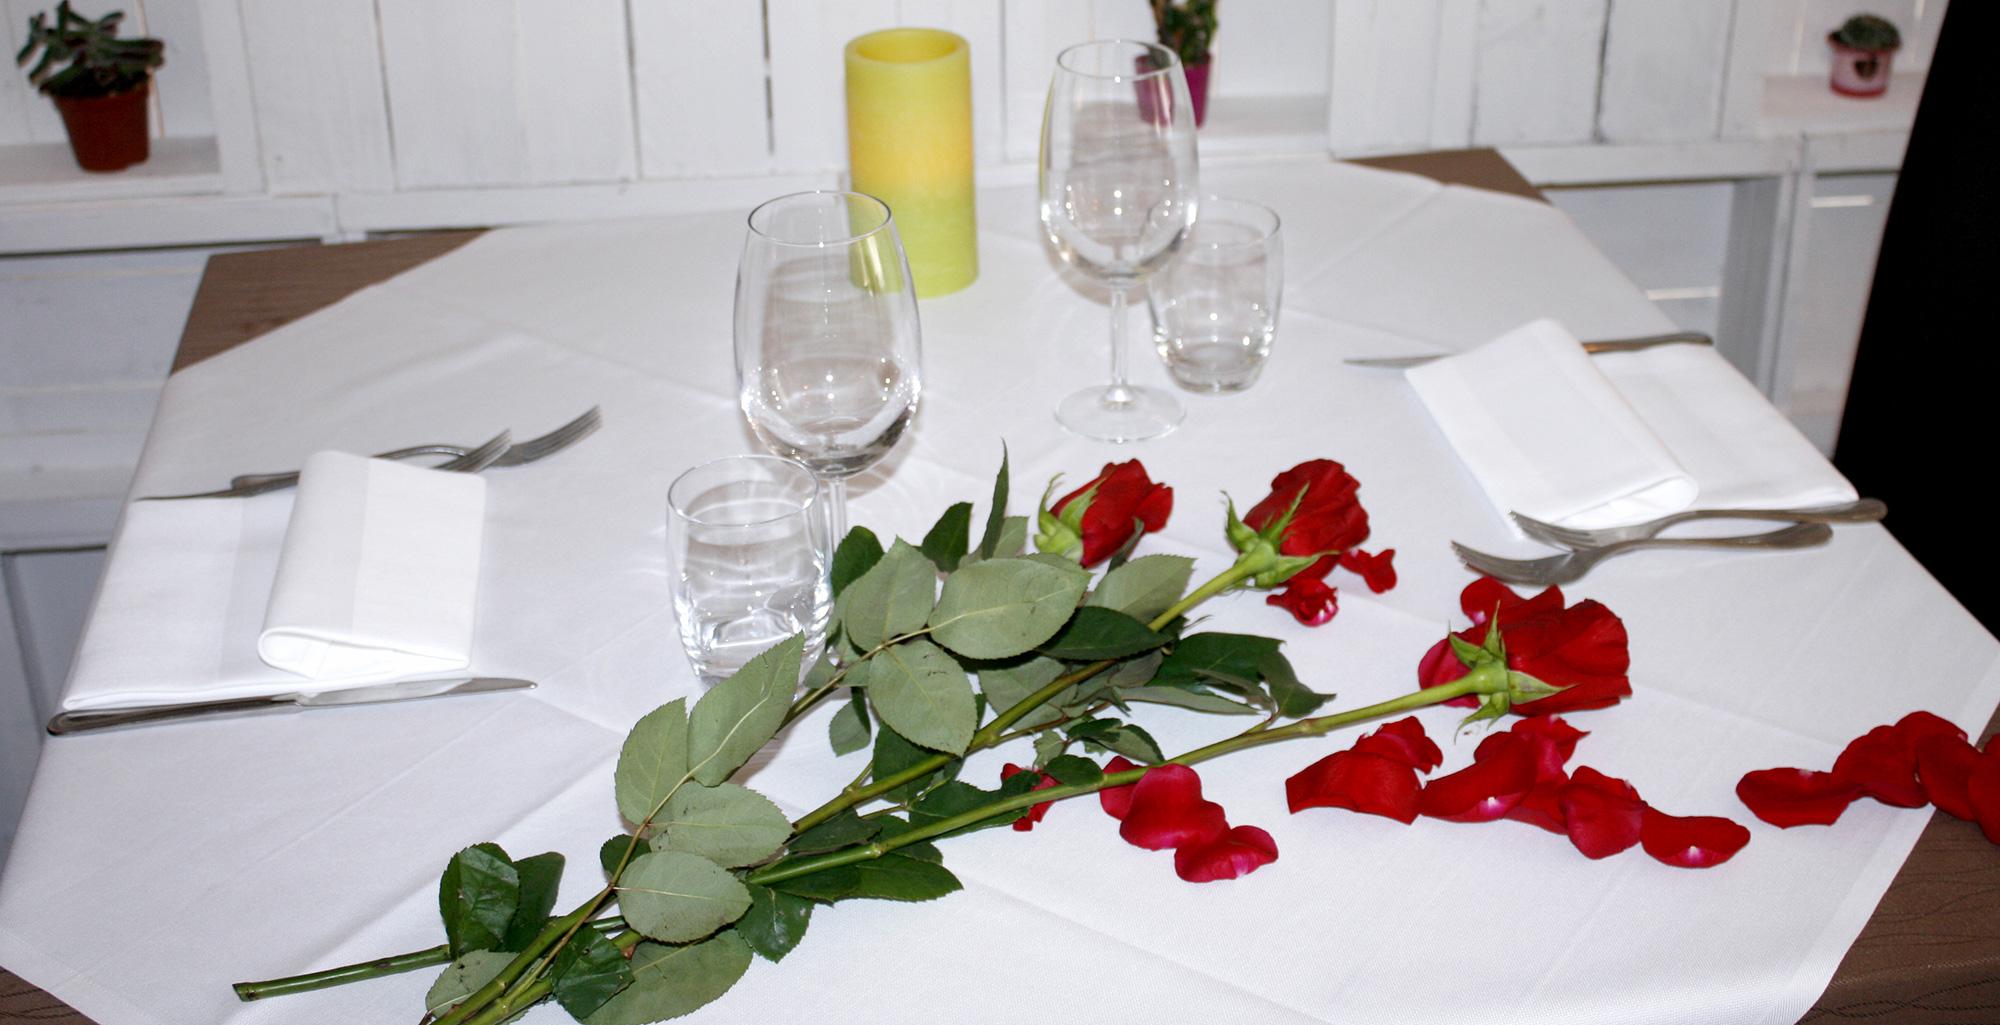 fiori e mise in place